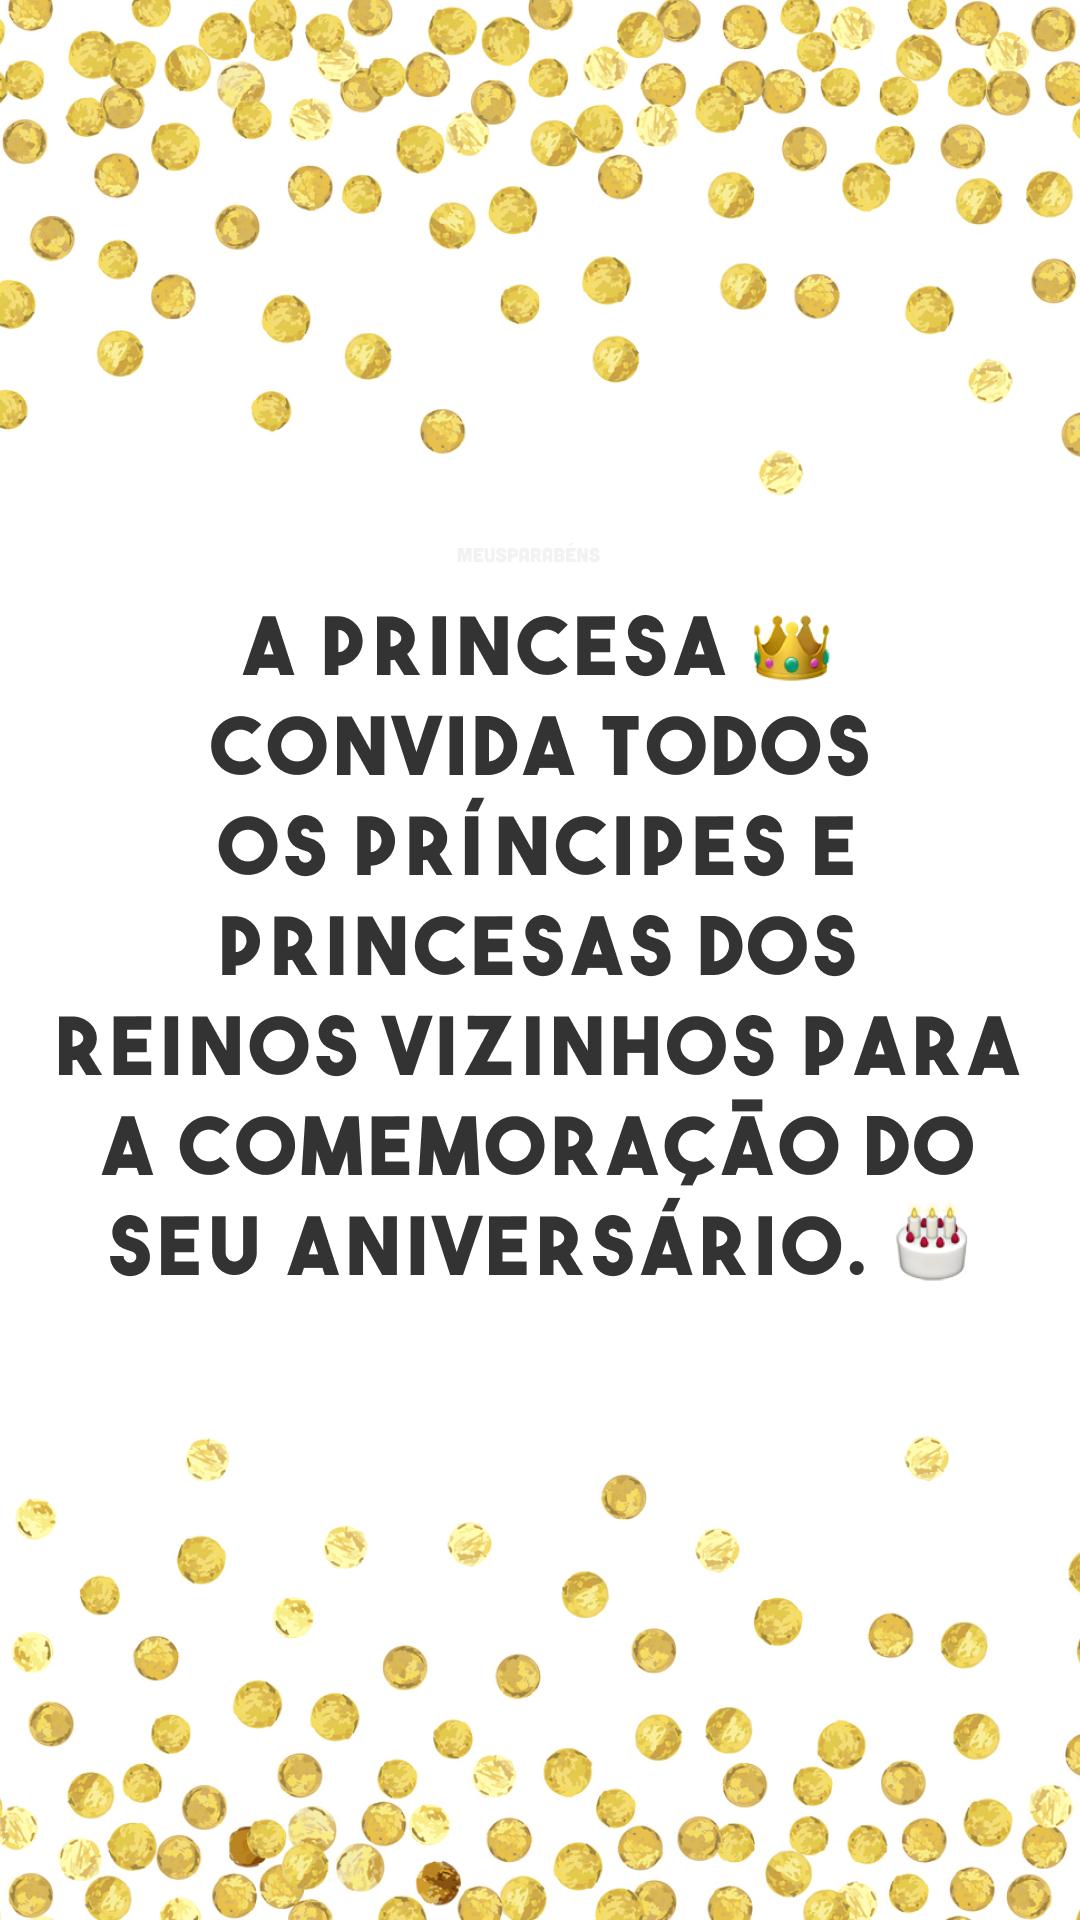 A princesa 👑 convida todos os príncipes e princesas dos reinos vizinhos para a comemoração do seu aniversário. 🎂